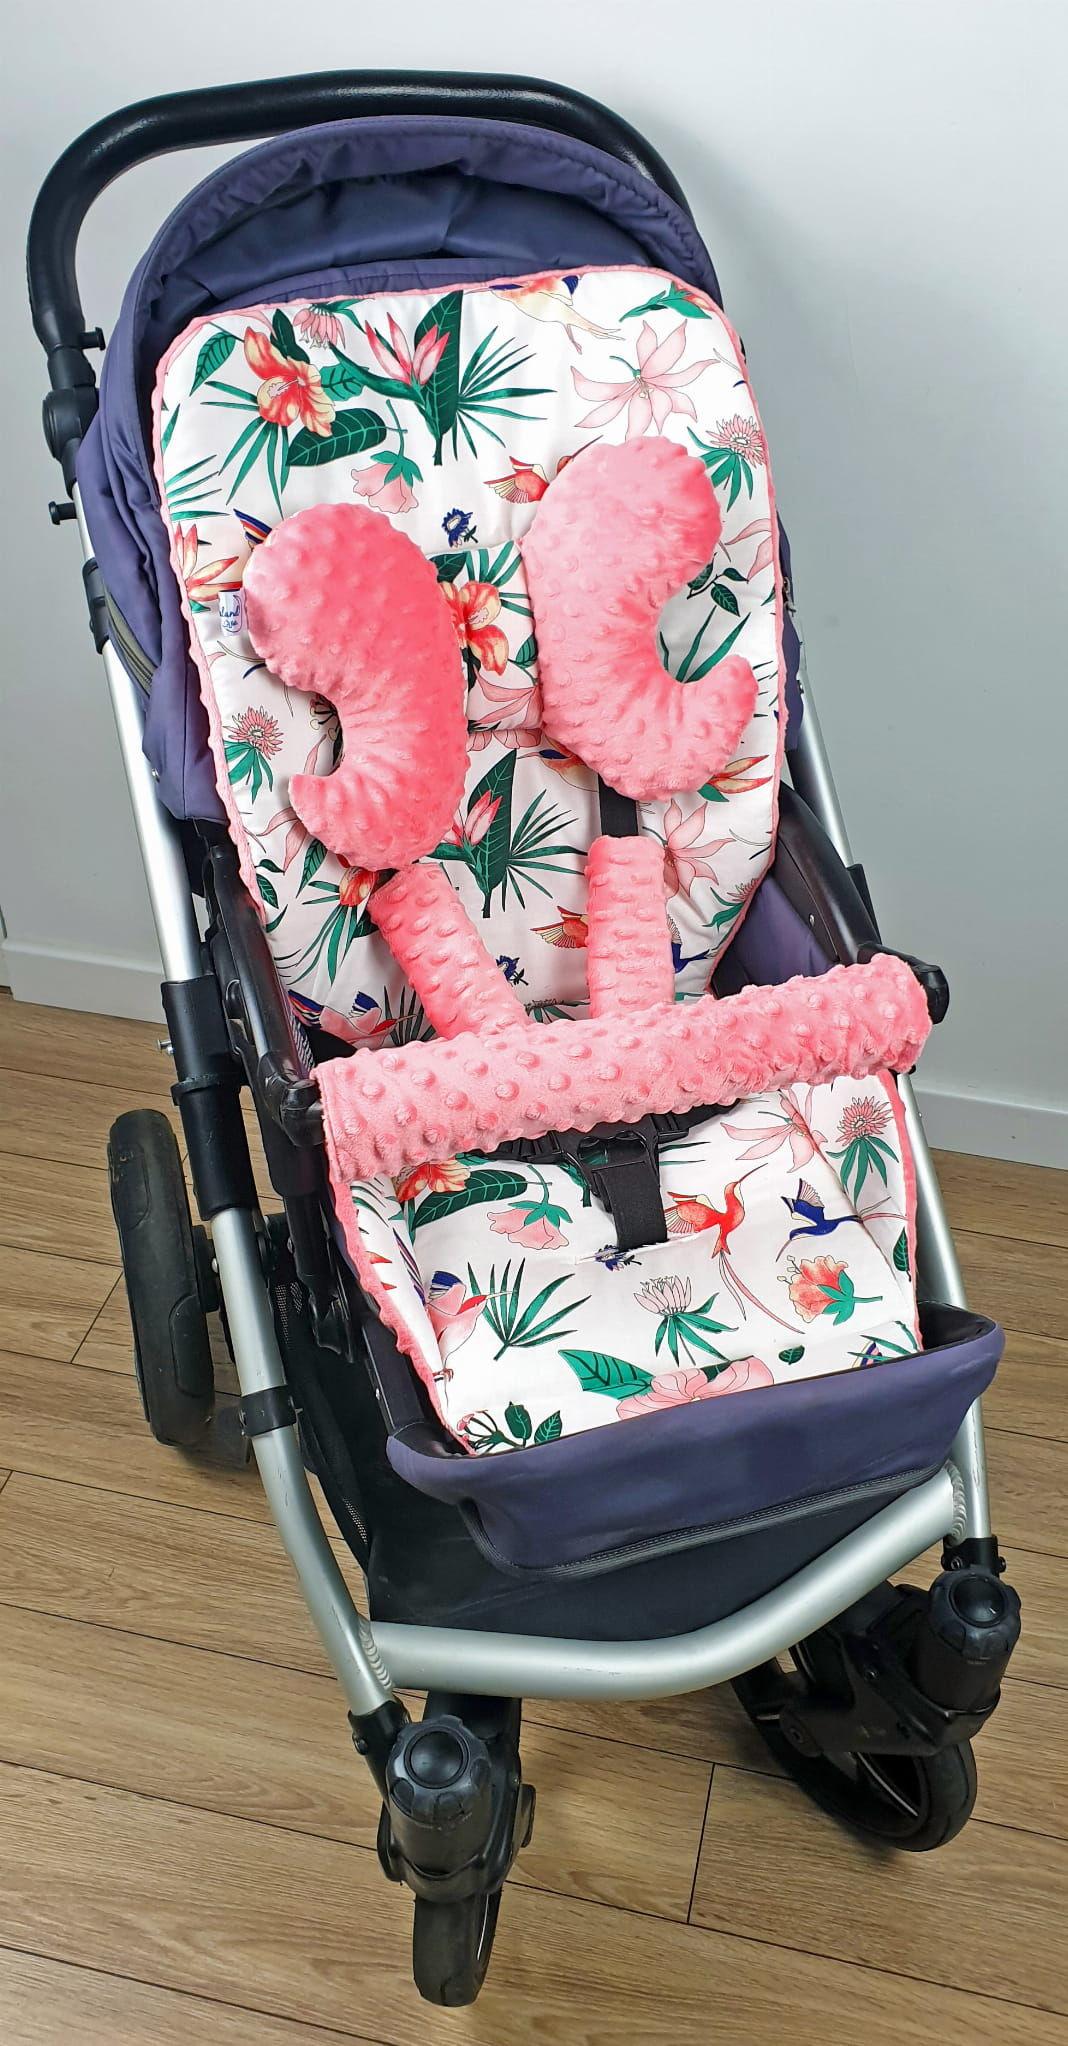 Wkładka do wózka, ochraniacze na pasy i pałąk + motylek koliberki